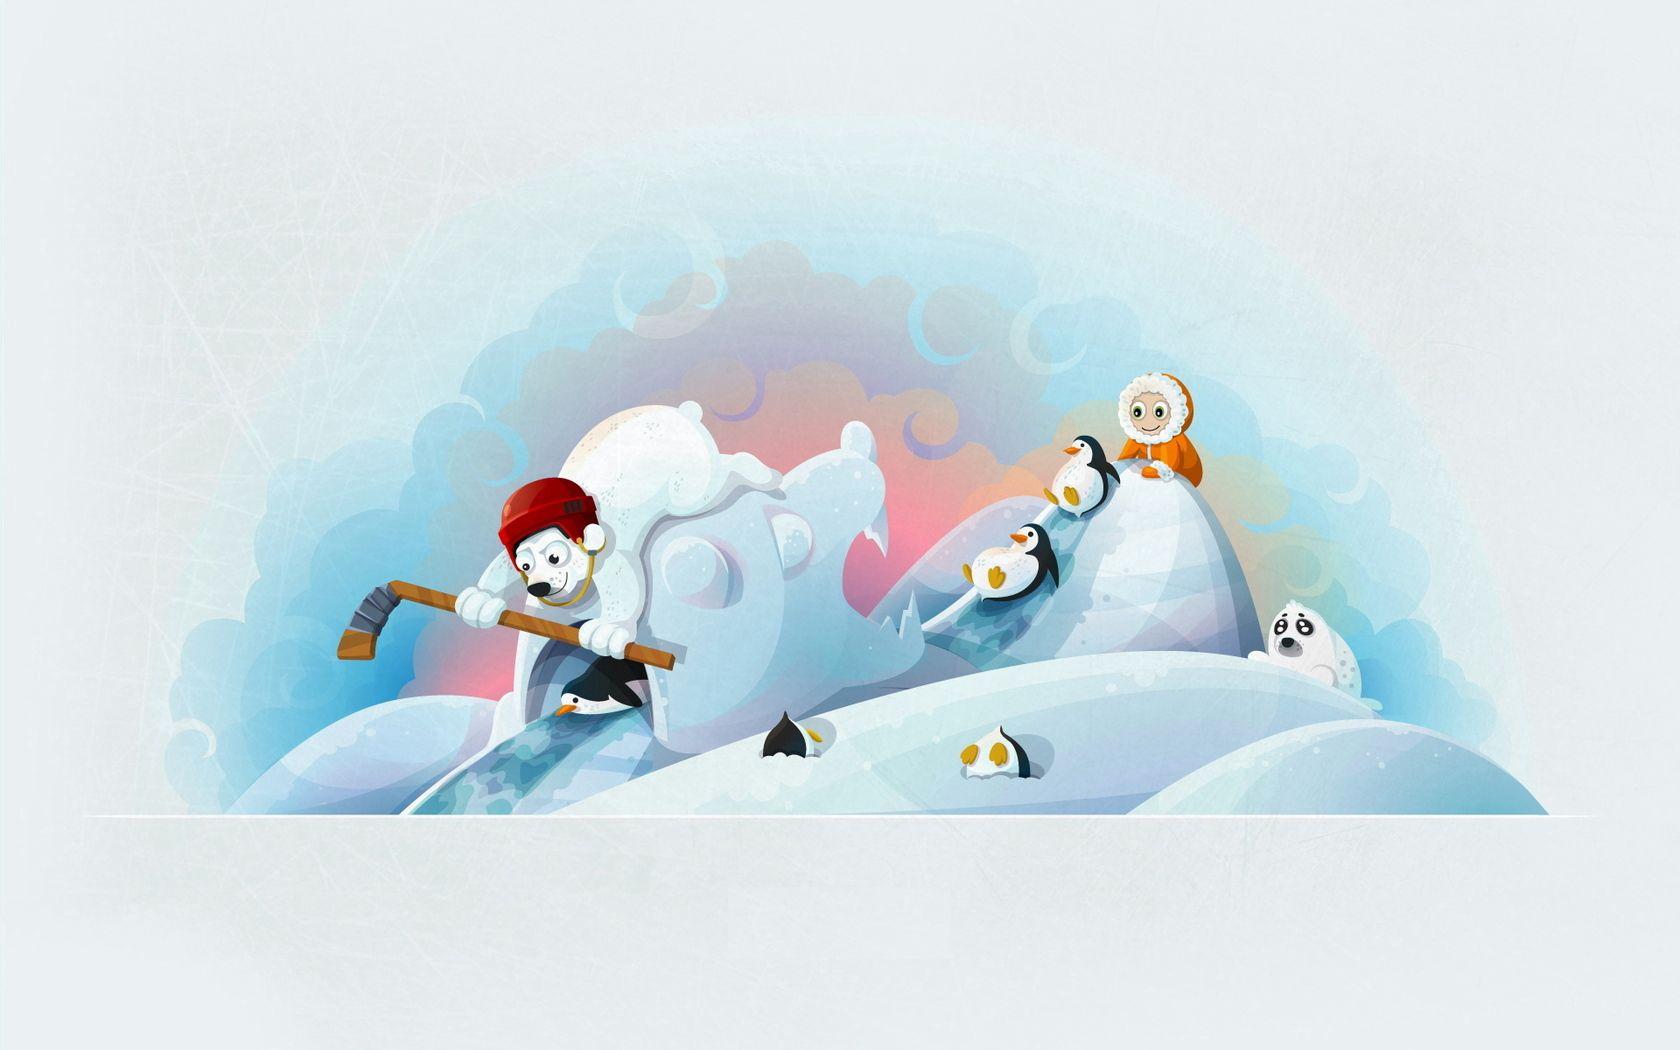 52646 Заставки и Обои Медведи на телефон. Скачать Зима, Арт, Медведи, Хоккей, Клюшка, Ребёнок, Пингвин, Веселье, Тюлень картинки бесплатно